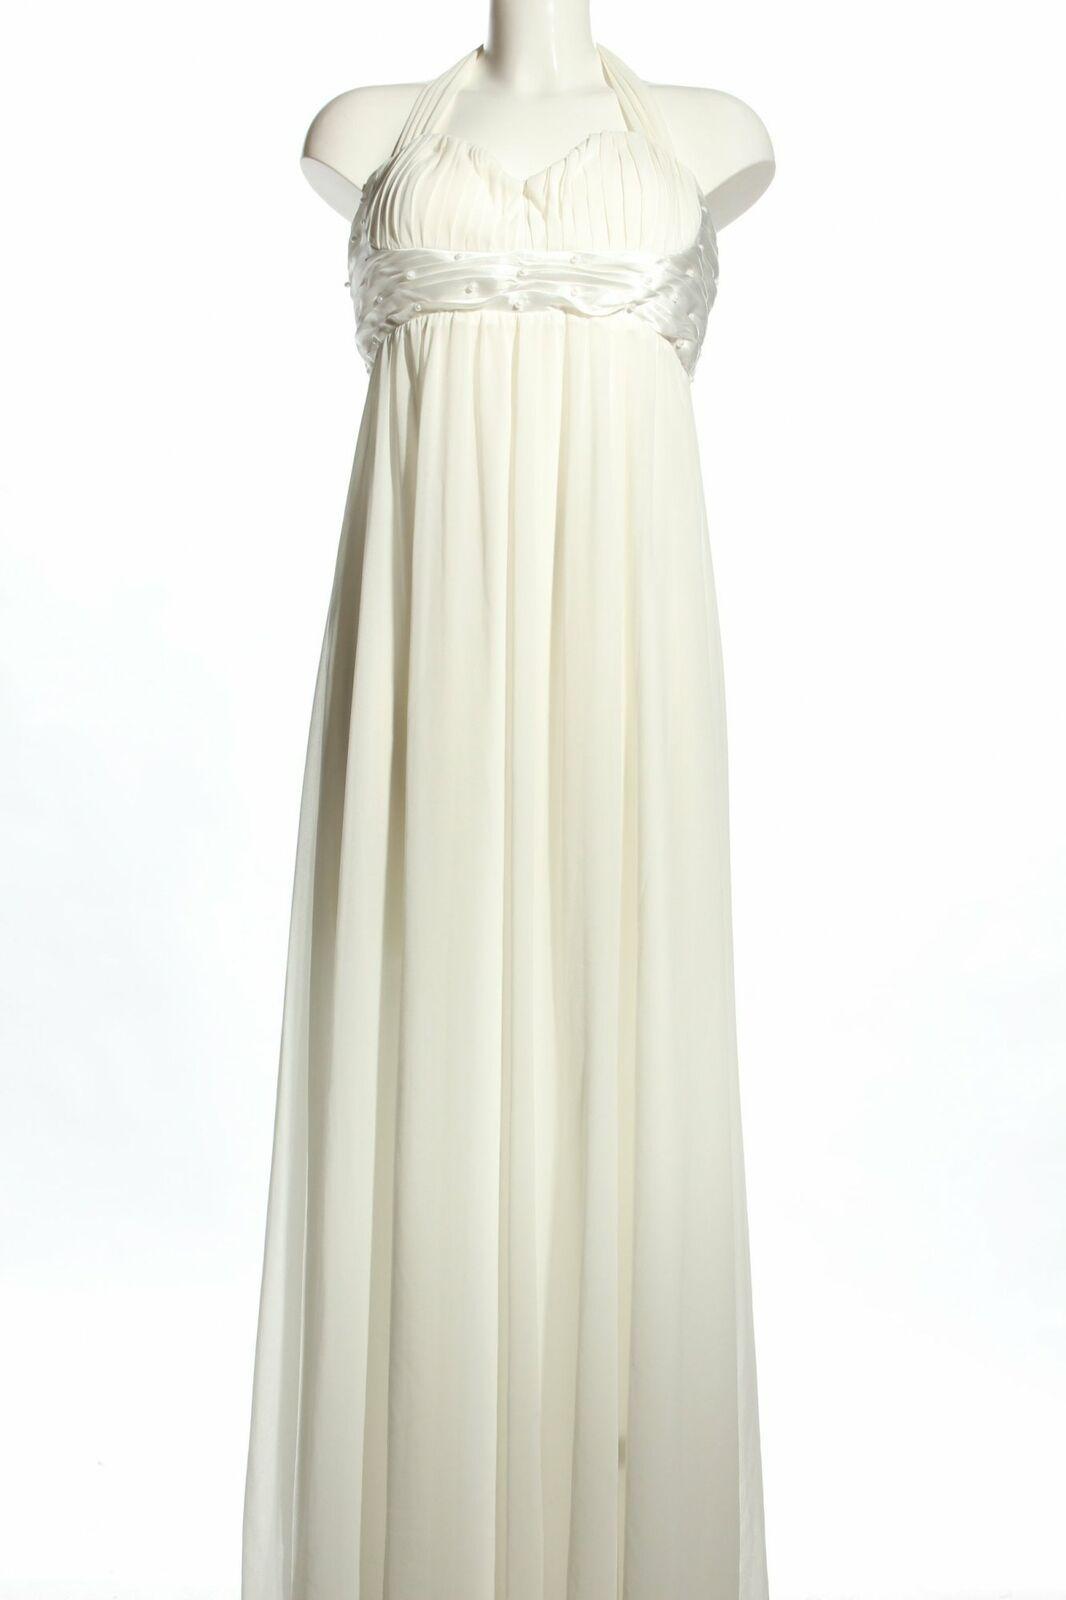 LAURA SCOTT Abendkleid weiß Elegant Damen Gr. DE 11 weiß Kleid